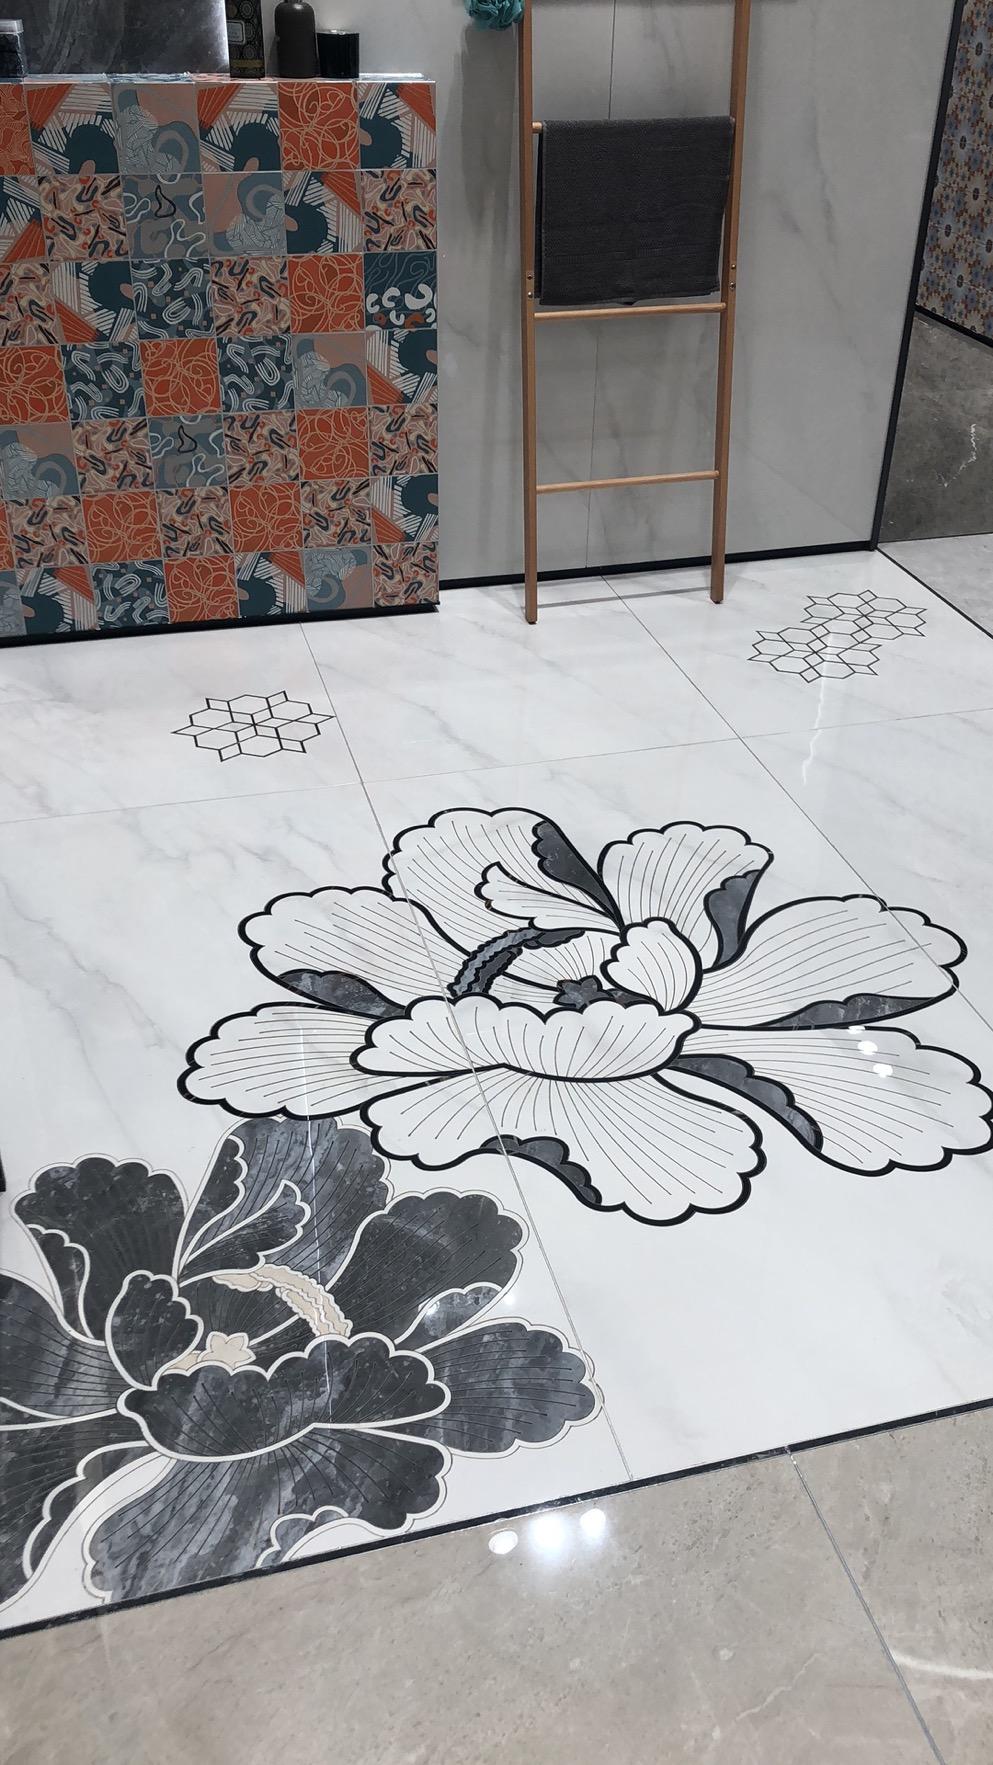 濟南專業玻璃切割加工價格_玻璃加工-濟南市天橋區珍偉建材經營部